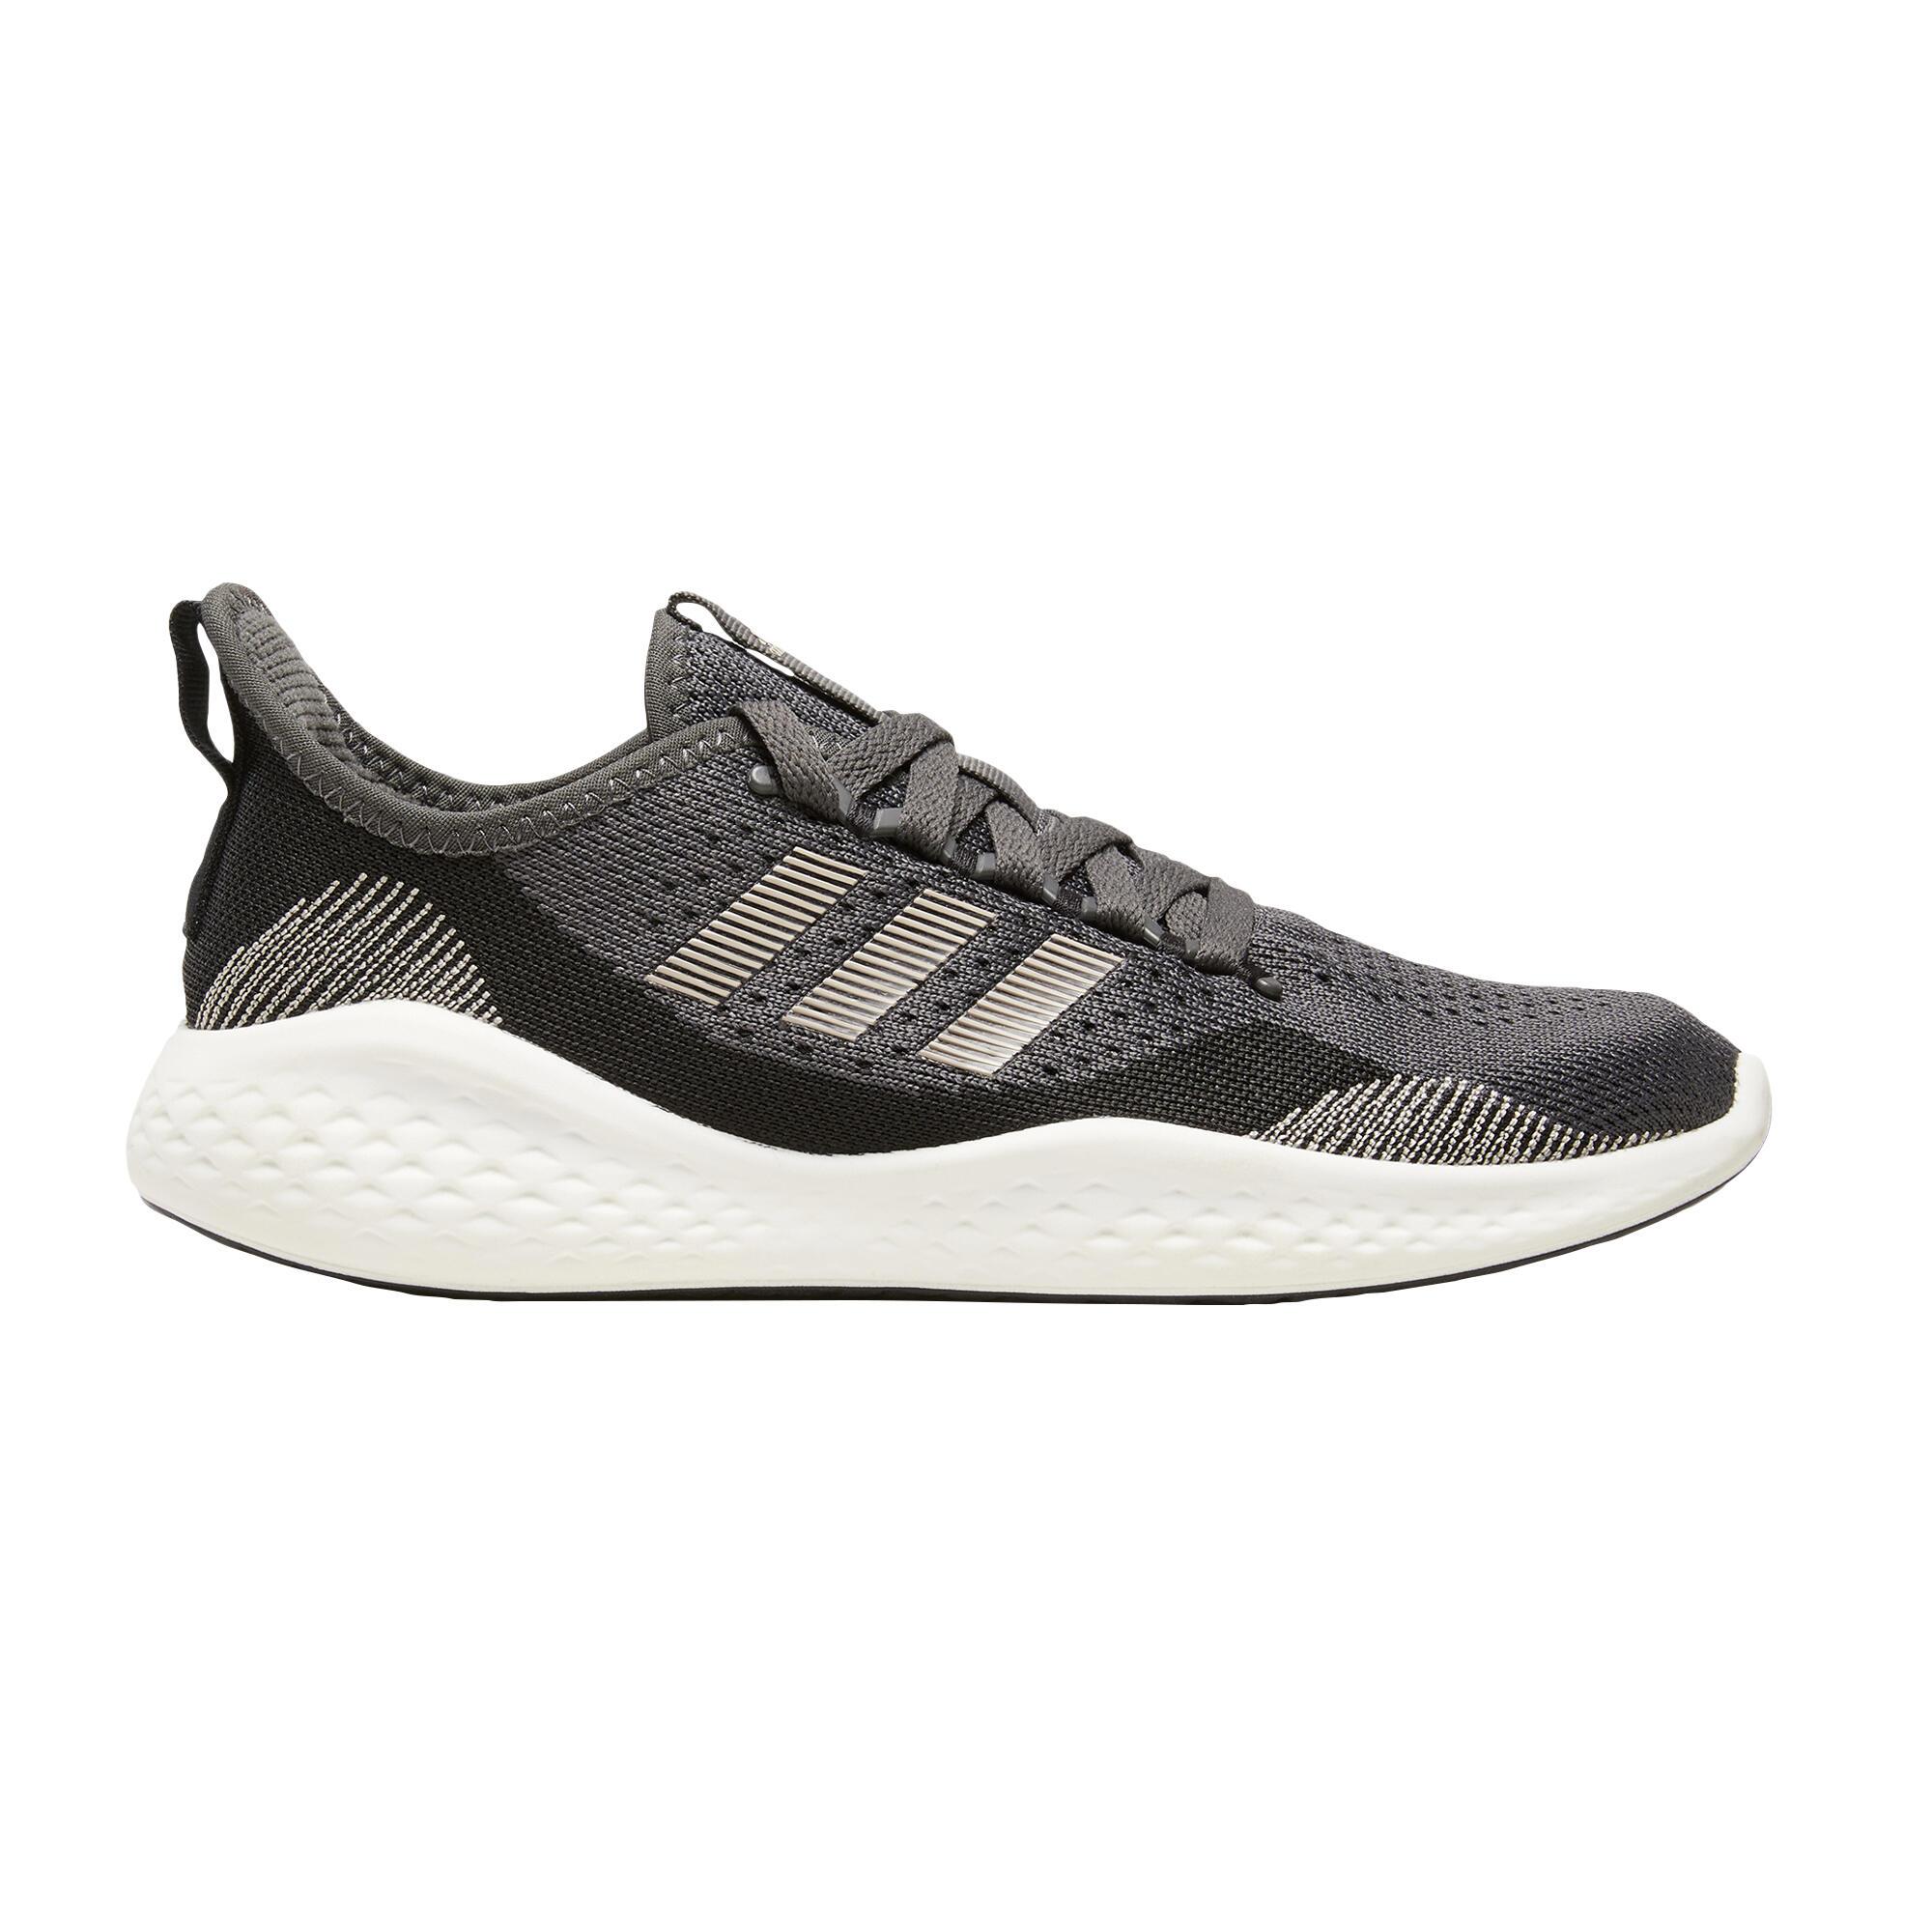 Chaussures de Running Adidas femme FluidFlow noir 21